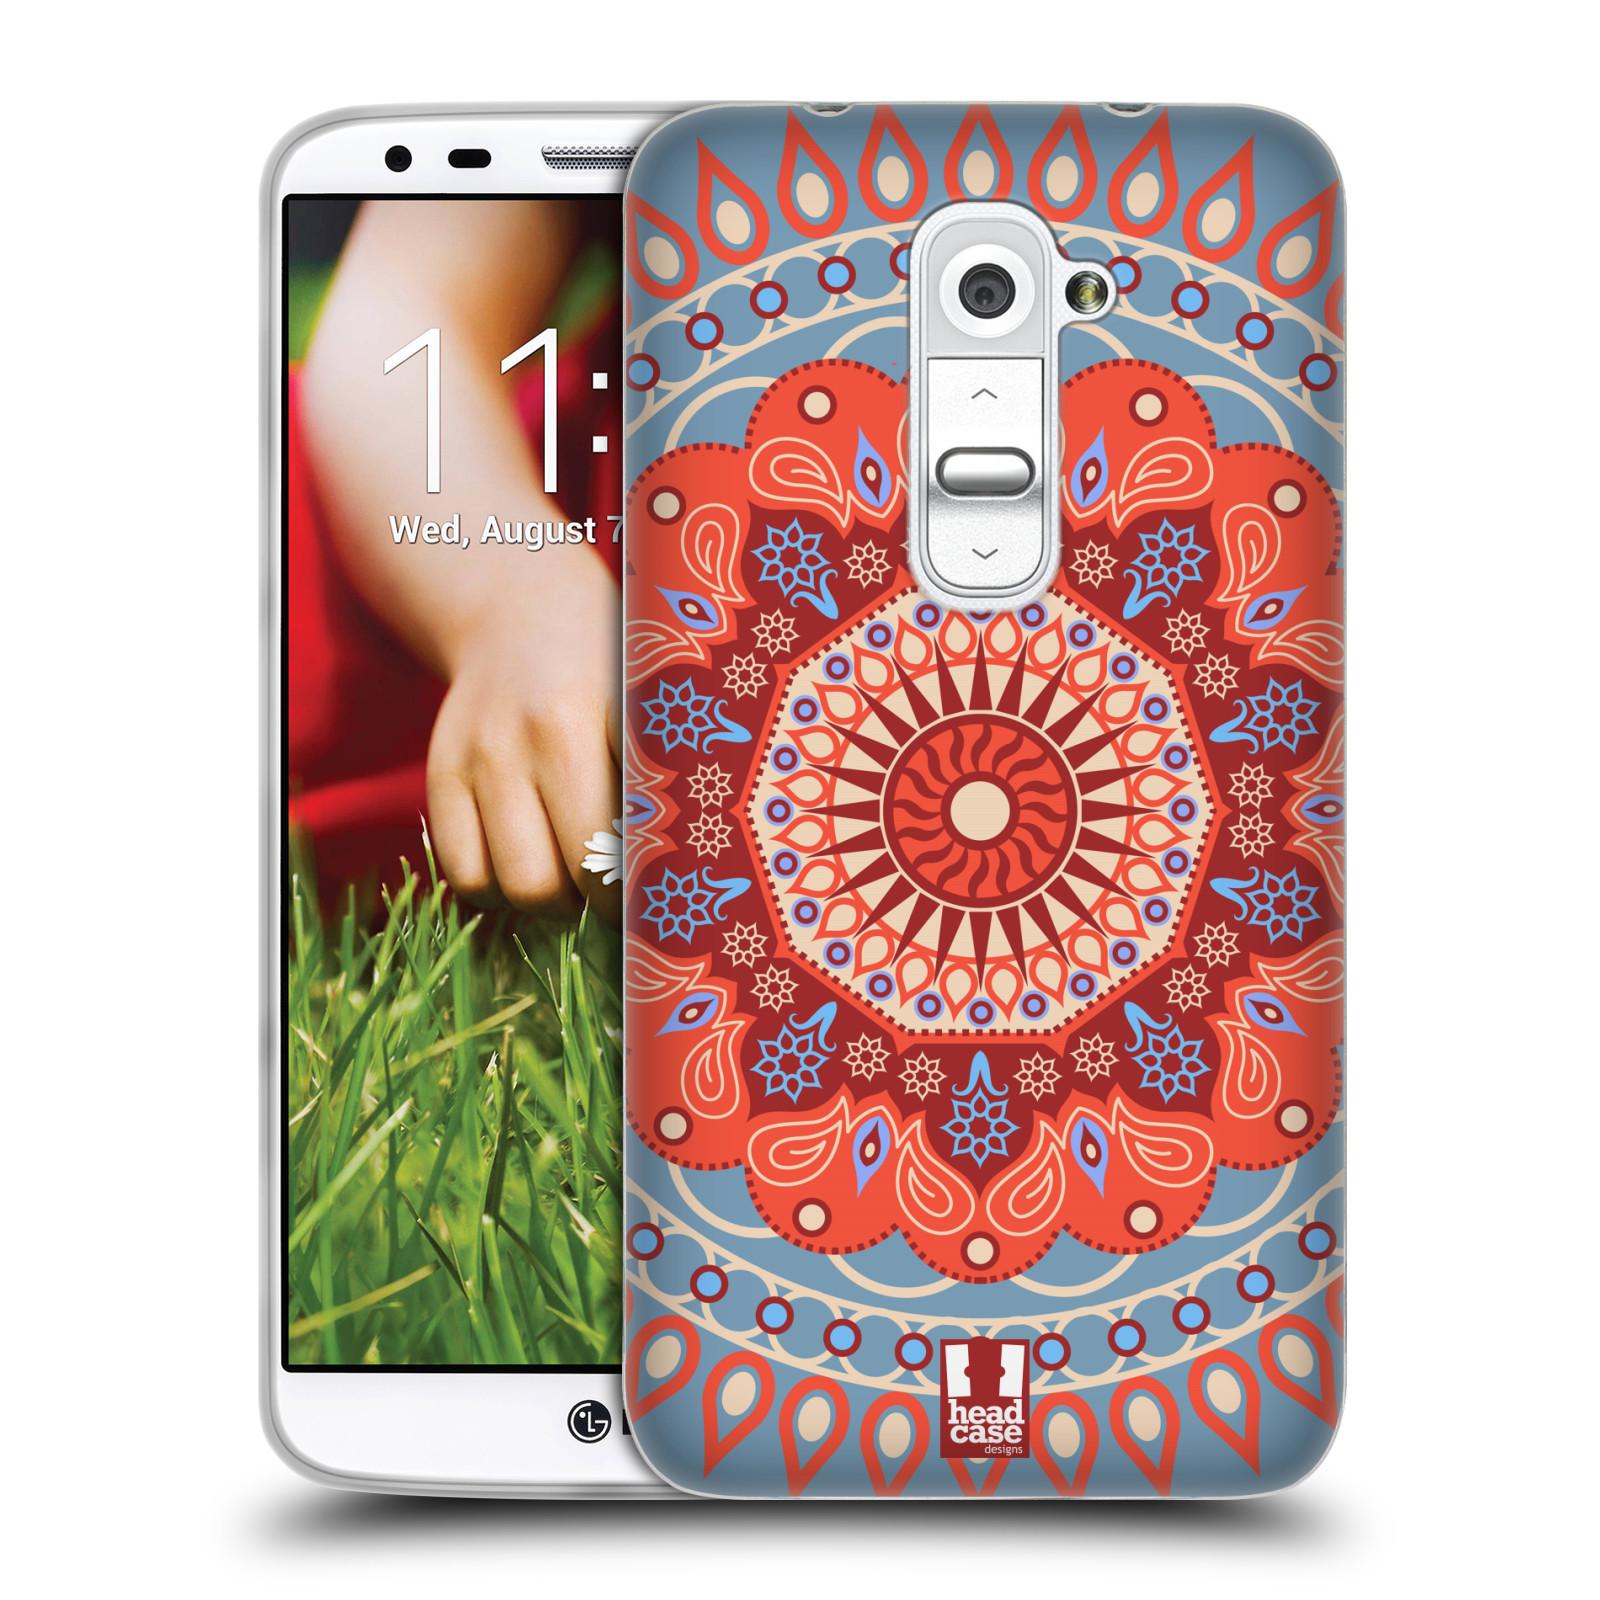 HEAD CASE silikonový obal na mobil LG G2 vzor Indie Mandala slunce barevný motiv ČERVENÁ A MODRÁ